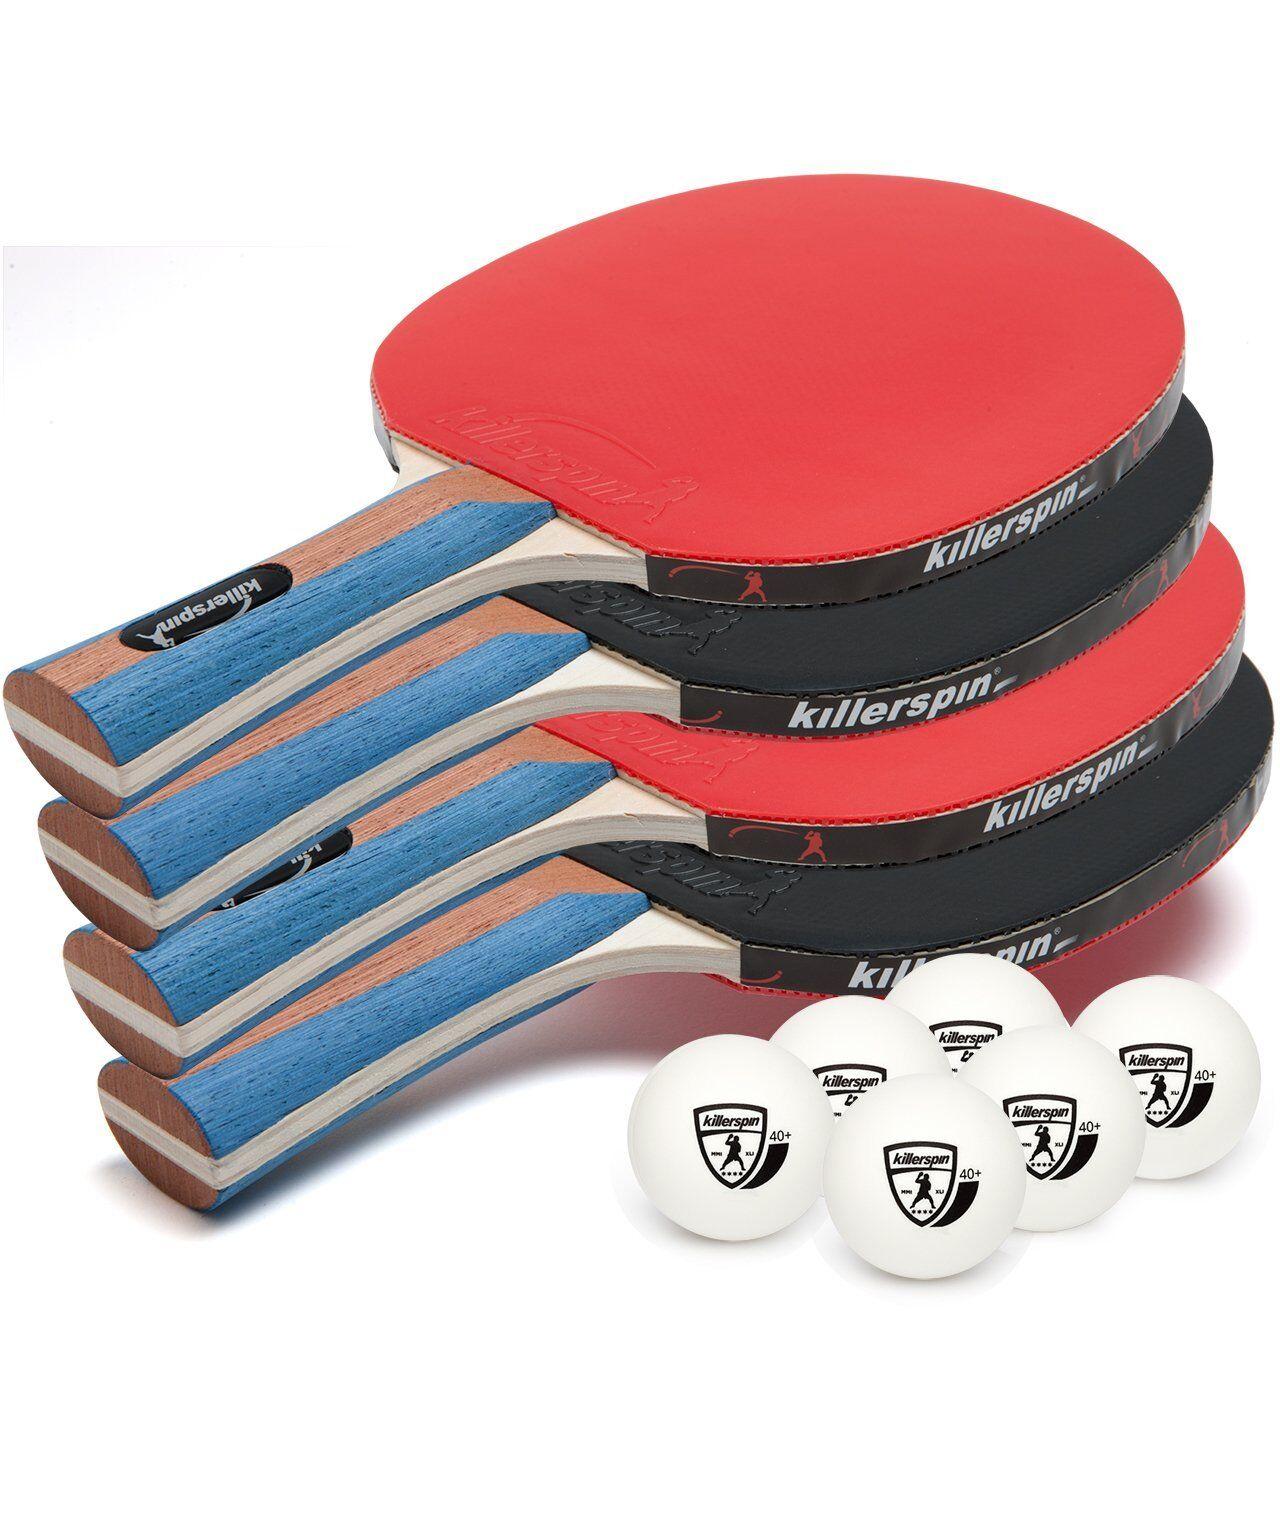 Nuevo Killerspin 112-02 Jet Set 4 Premium Paleta de tenis de mesa set con bolas